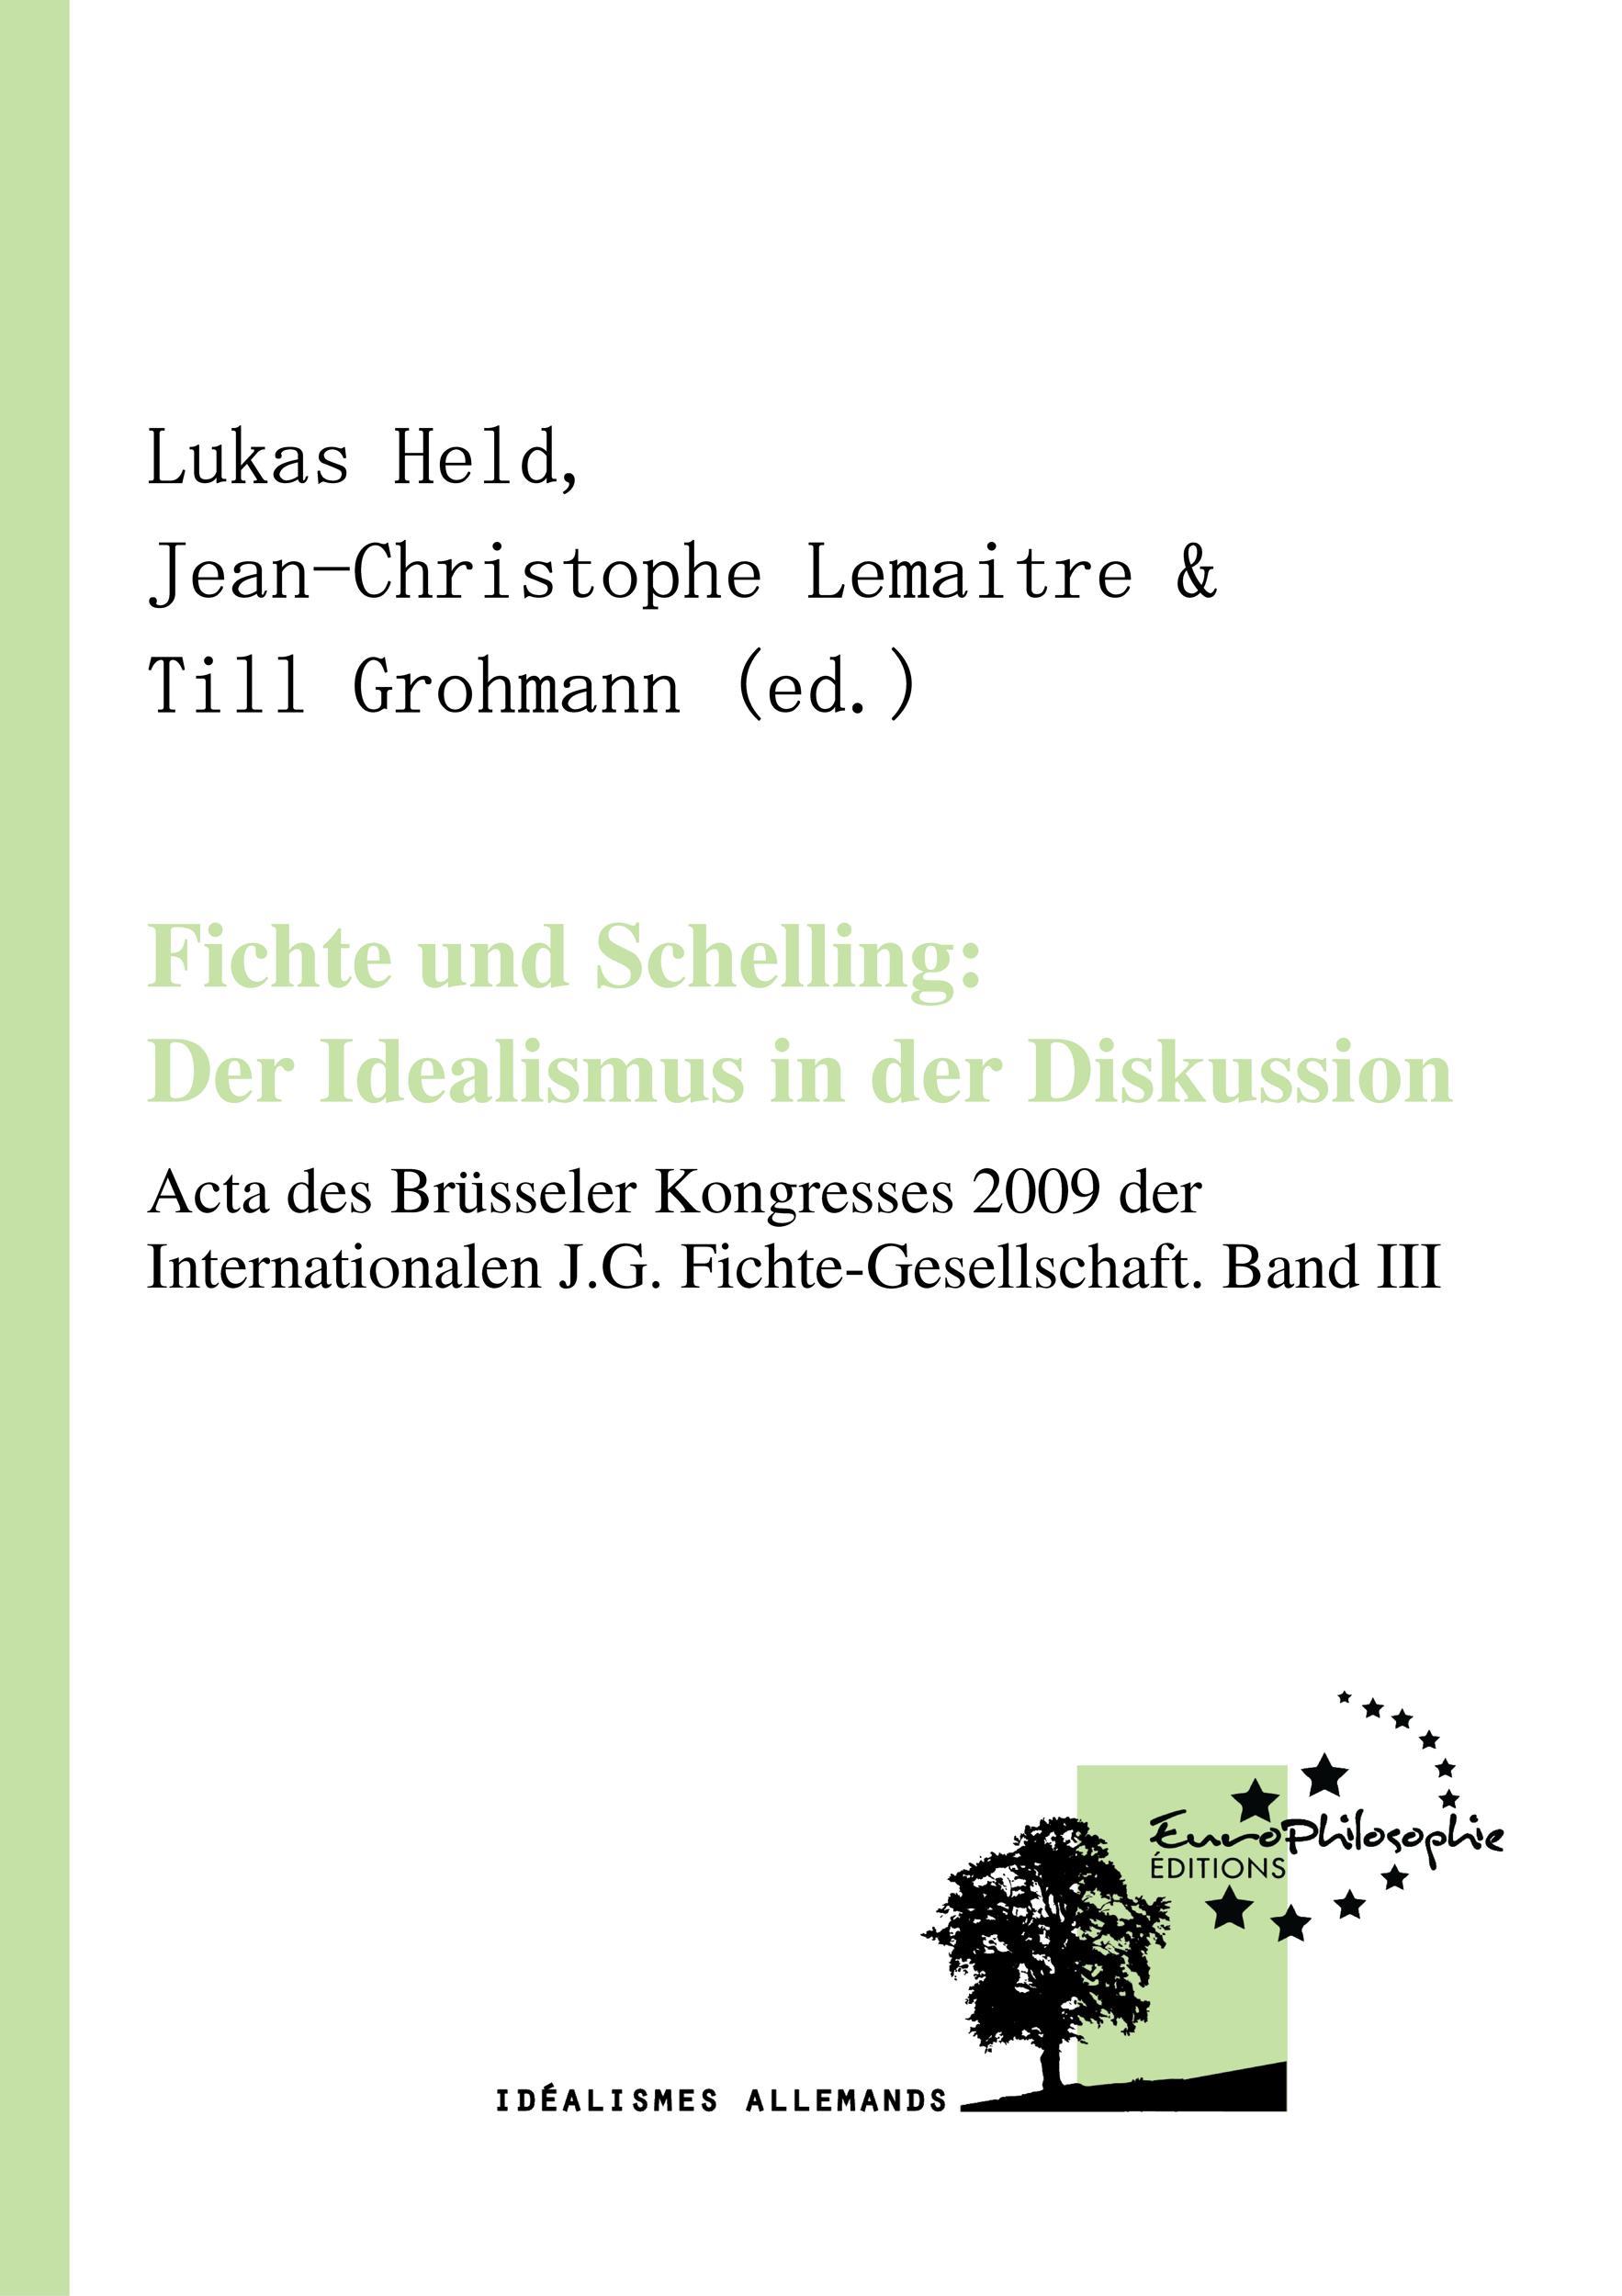 Fichte und Schelling: Der Idealismus in der Diskussion. Volume III, ACTA DES BRÜSSELER KONGRESSES 2009 DER INTERNATIONALEN J.G. FICHTE-GESELLSCHAFT